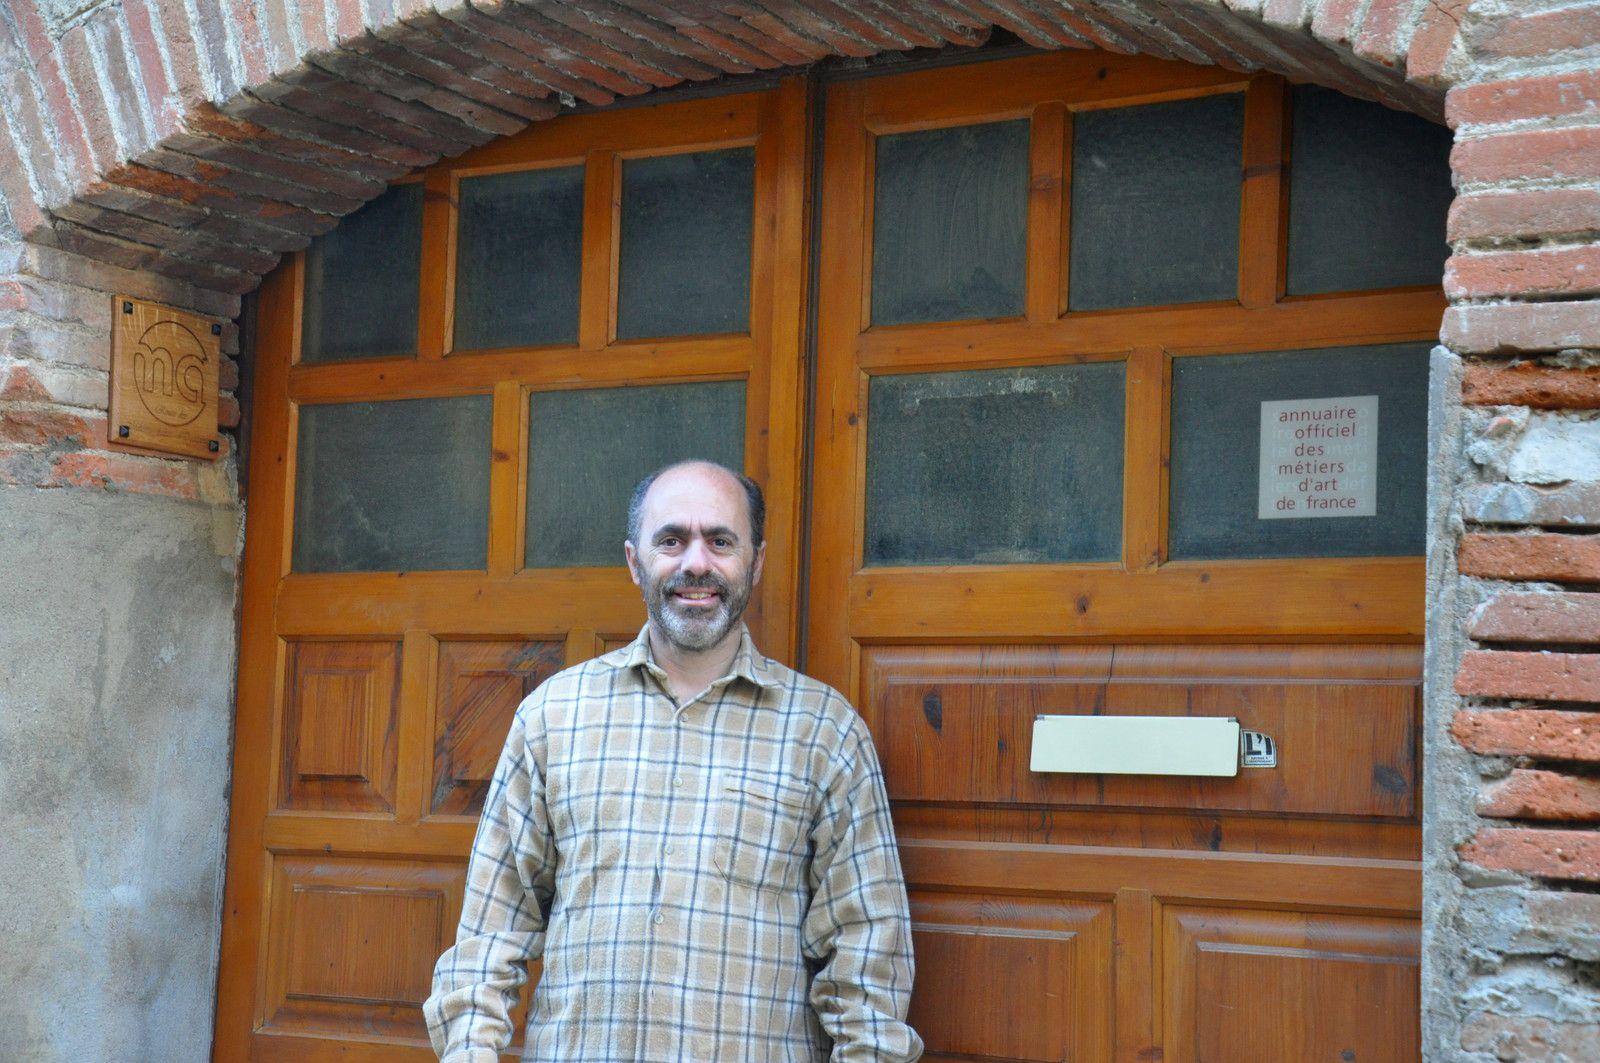 Christian Séguié menuisier ébéniste devant la porte de son atelier.